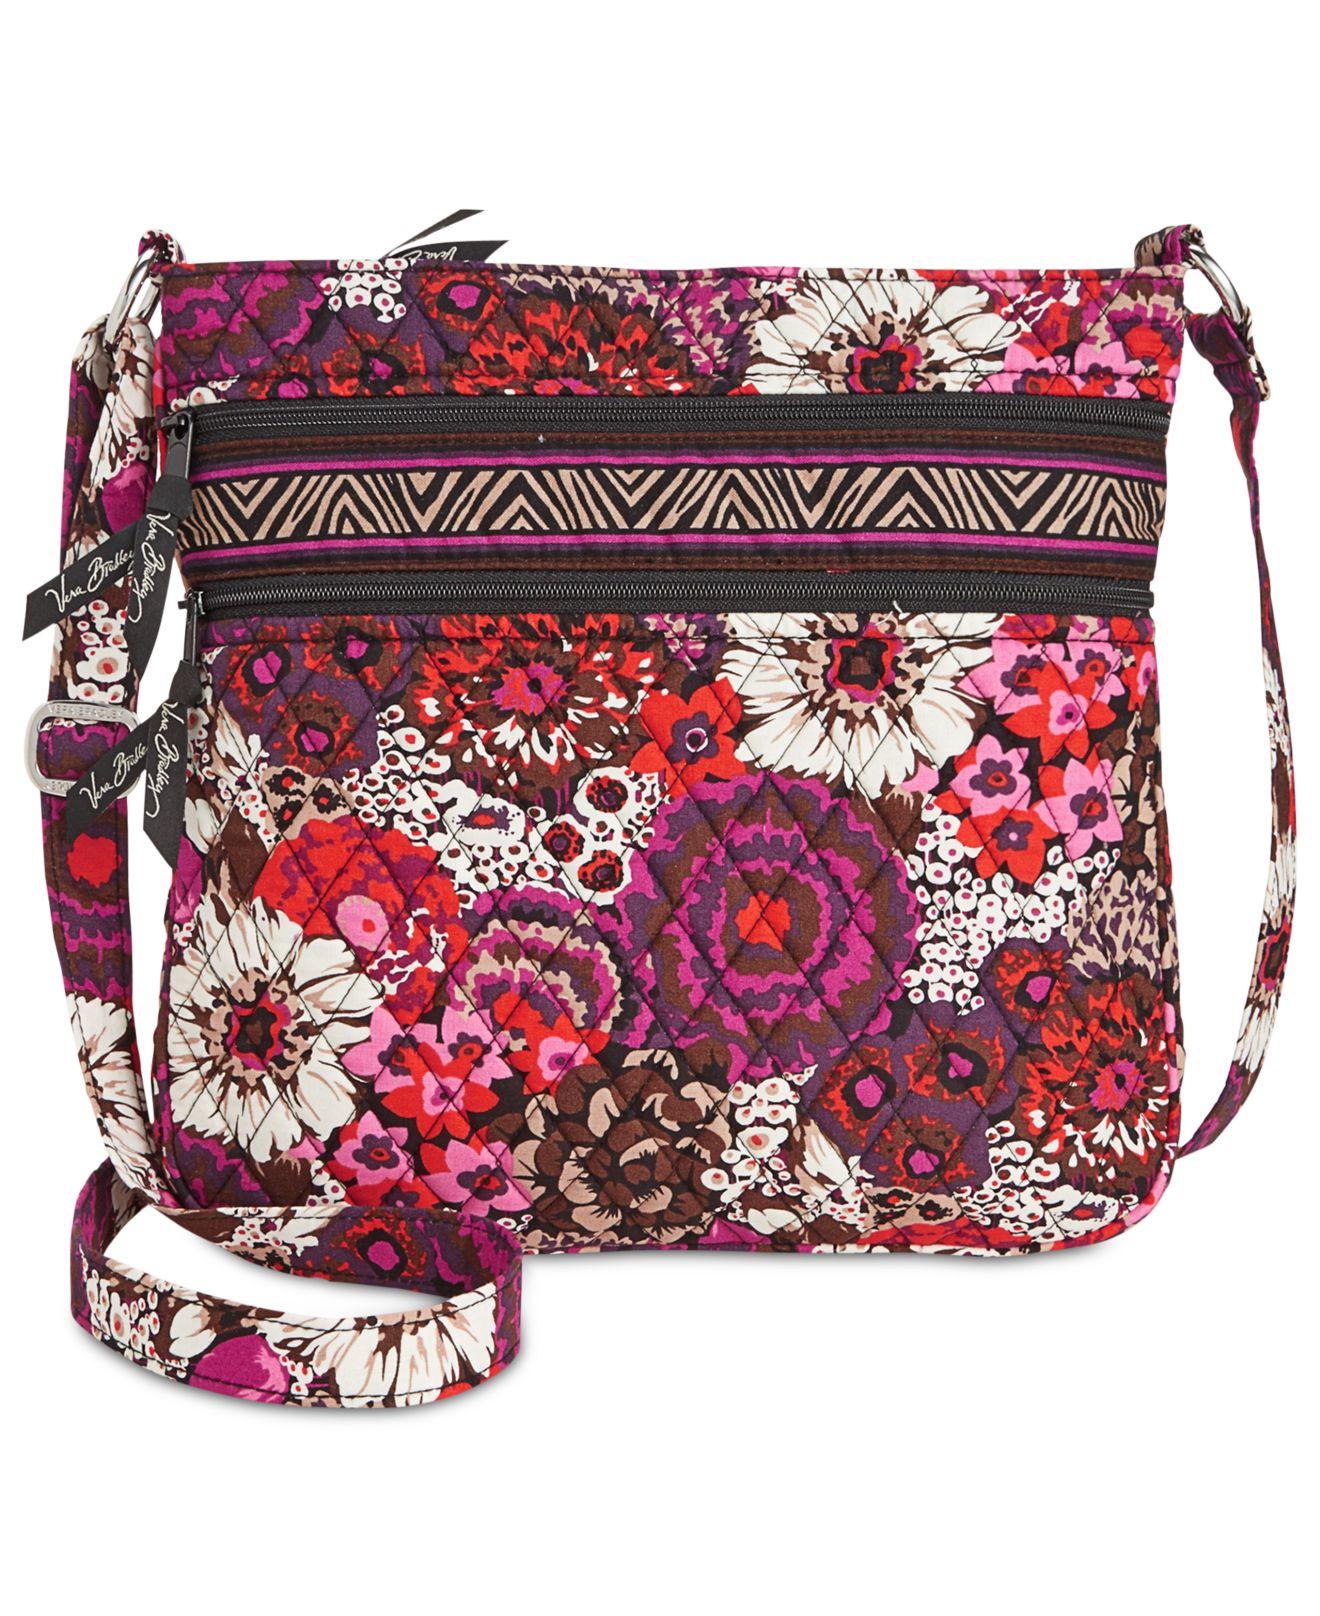 e573362925 Lyst - Vera Bradley Triple Zip Hipster in Purple